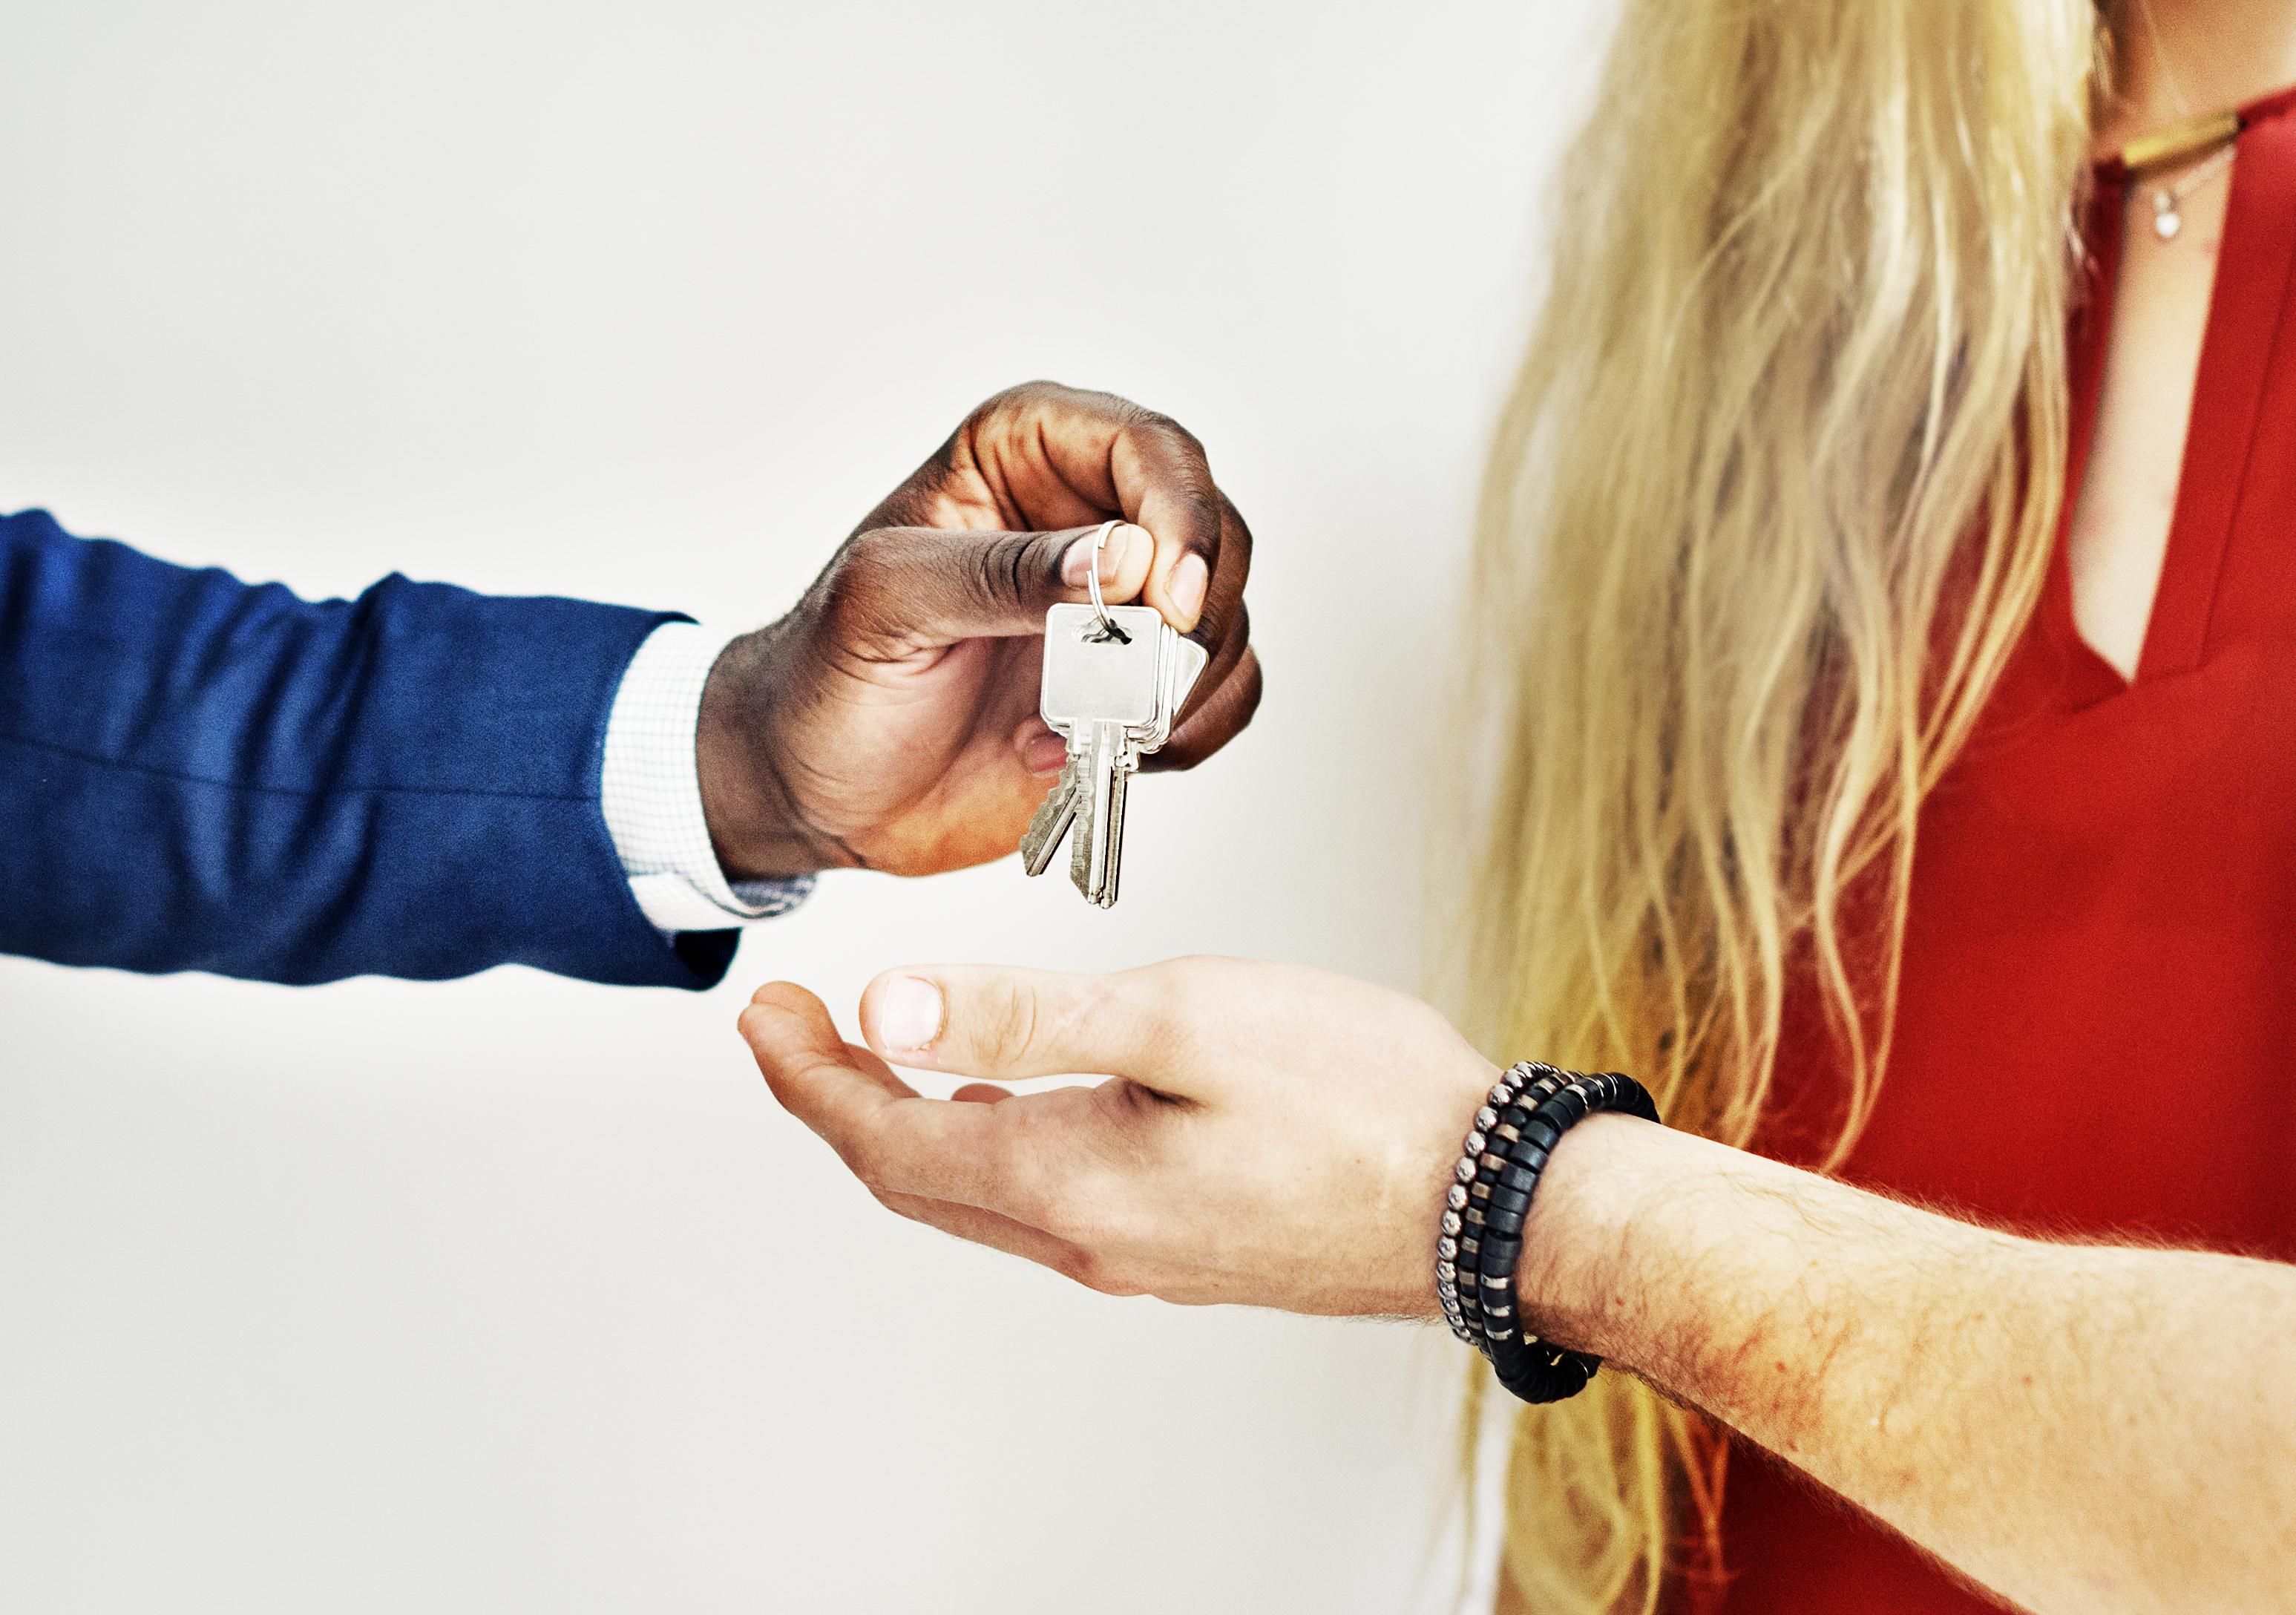 La restitution du dépôt de garantie dans le bail d'habitation:  Le Conseil Constitutionnel valide l'alinéa 7 de l'article 22 de la Loi du 06/07/1989 en ce qu'il a été modifié par la loi Alur du 24/03/2014